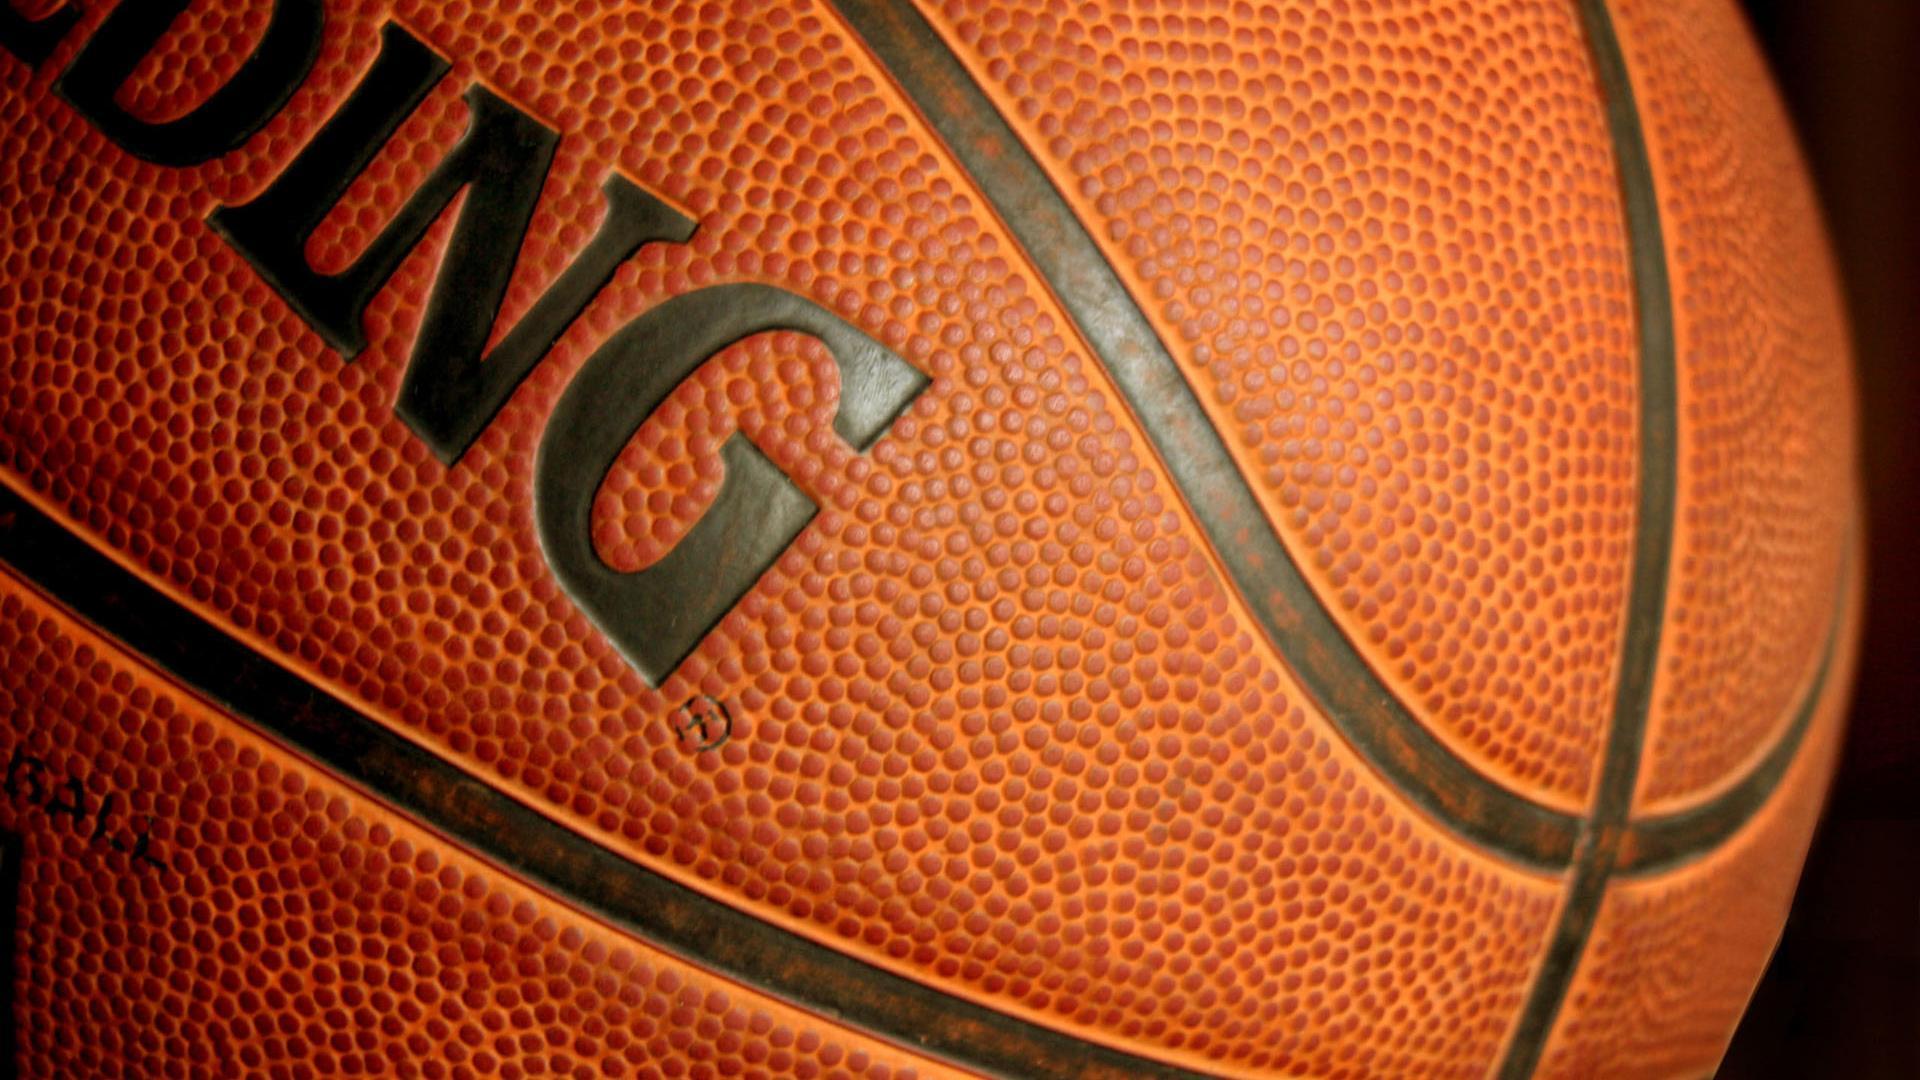 Basketball wallpaper hd 41593 1920x1080 px hdwallsource basketball wallpaper hd 41593 voltagebd Images